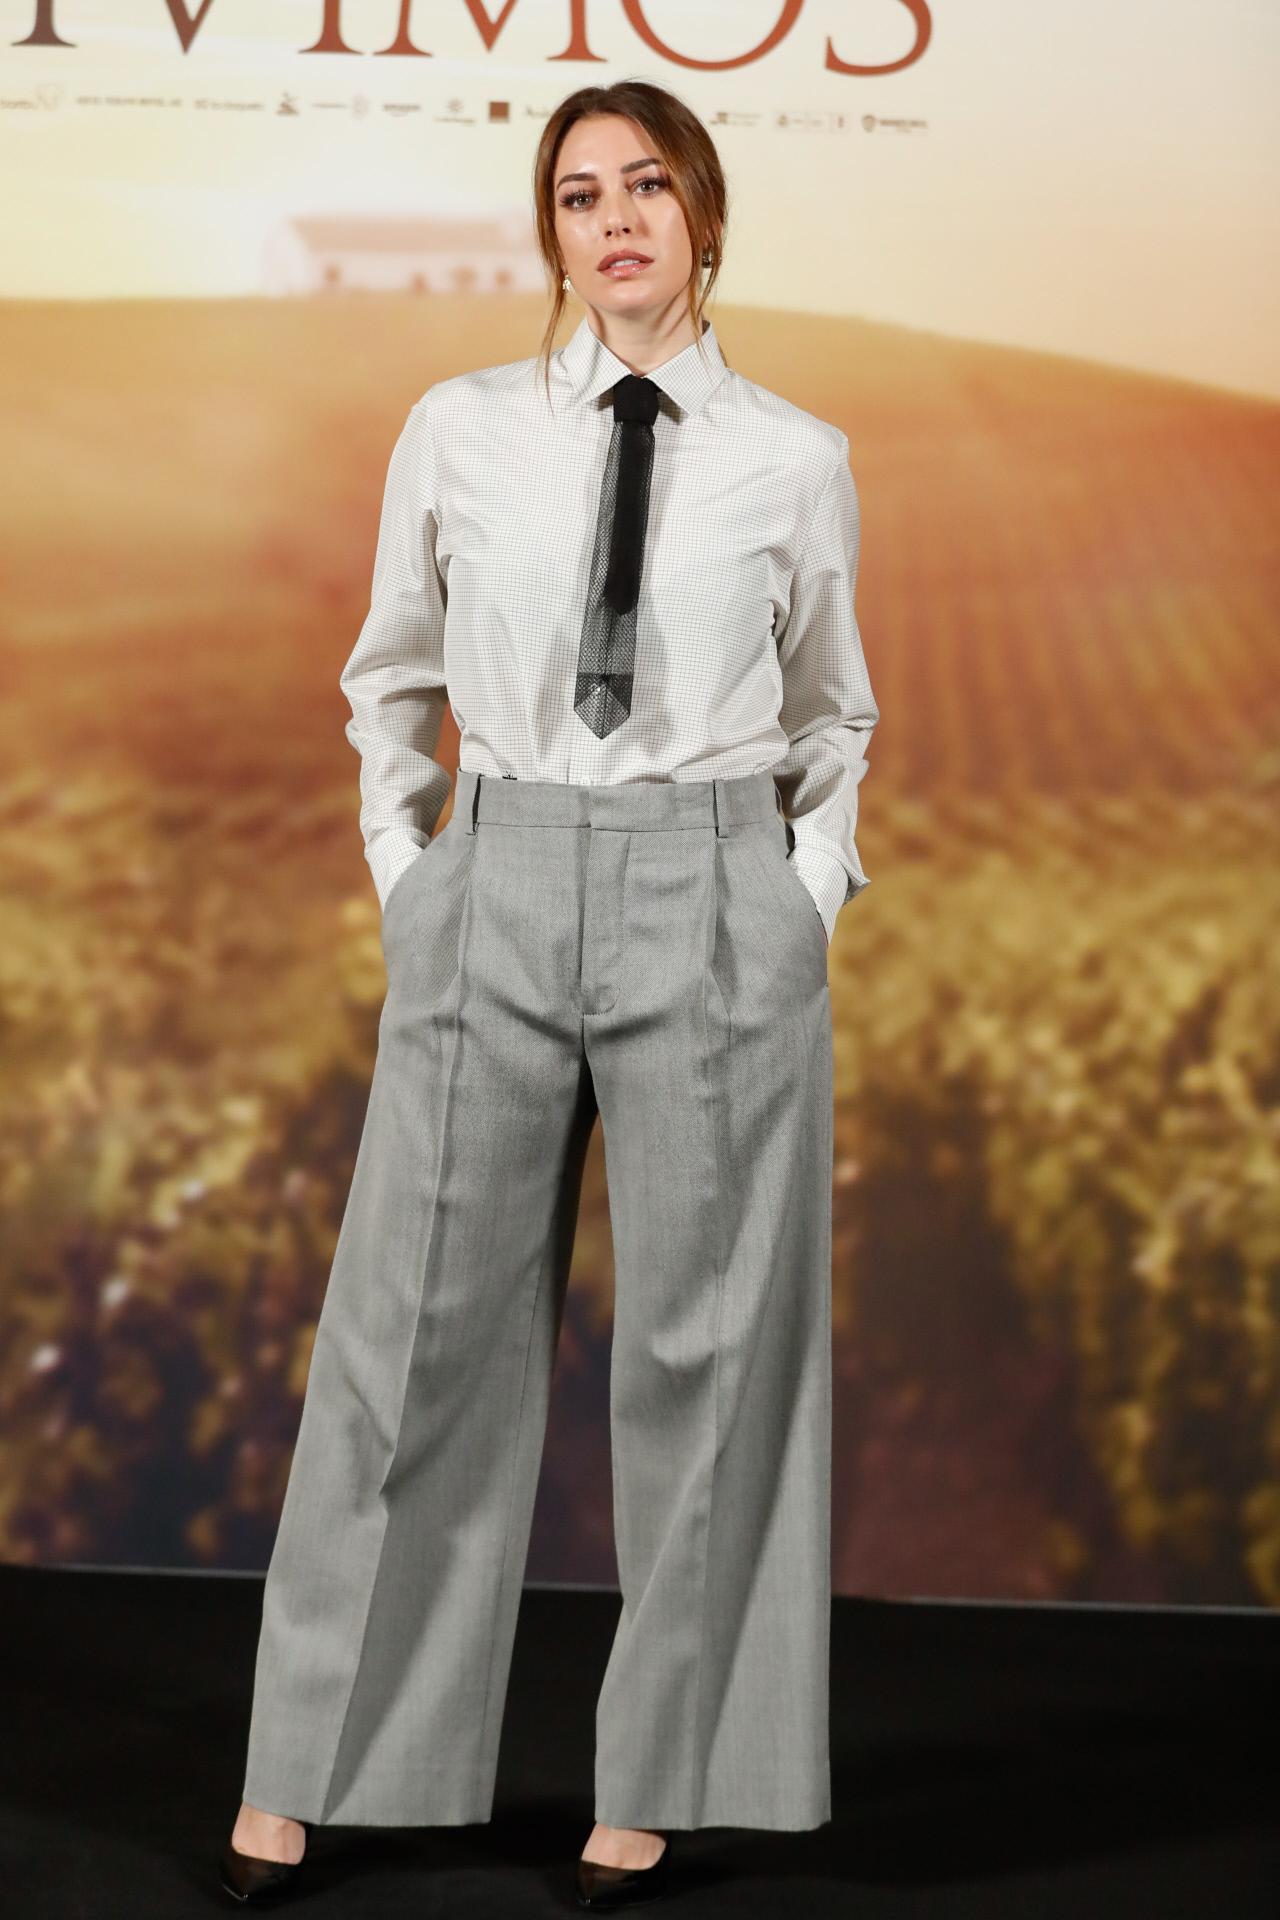 Blanca Suárez con estilismo masculino en la presentación de El año que vivimos.